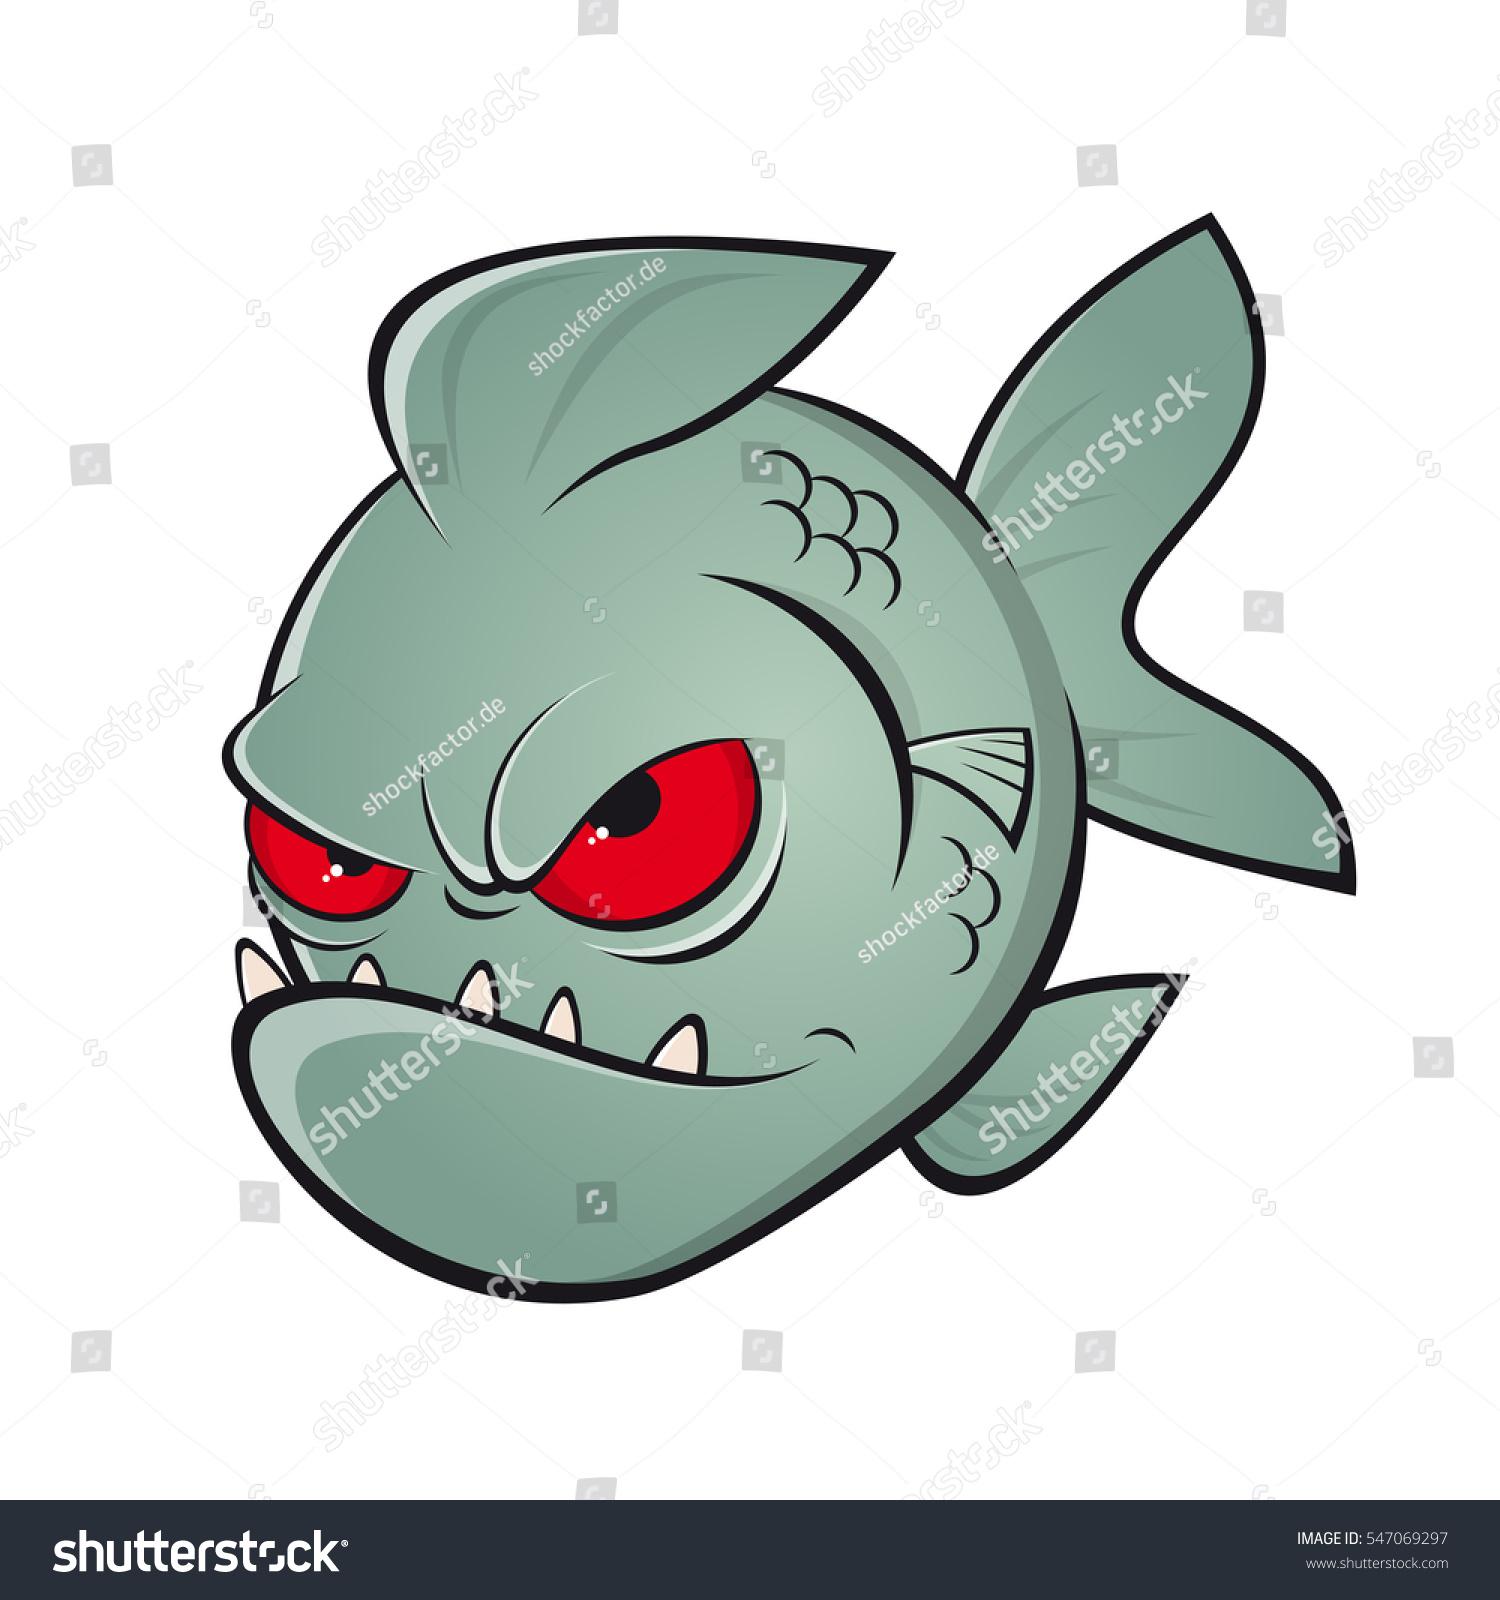 Angry Piranha Clipart Vector de stock (libre de regalías)547069297 ...